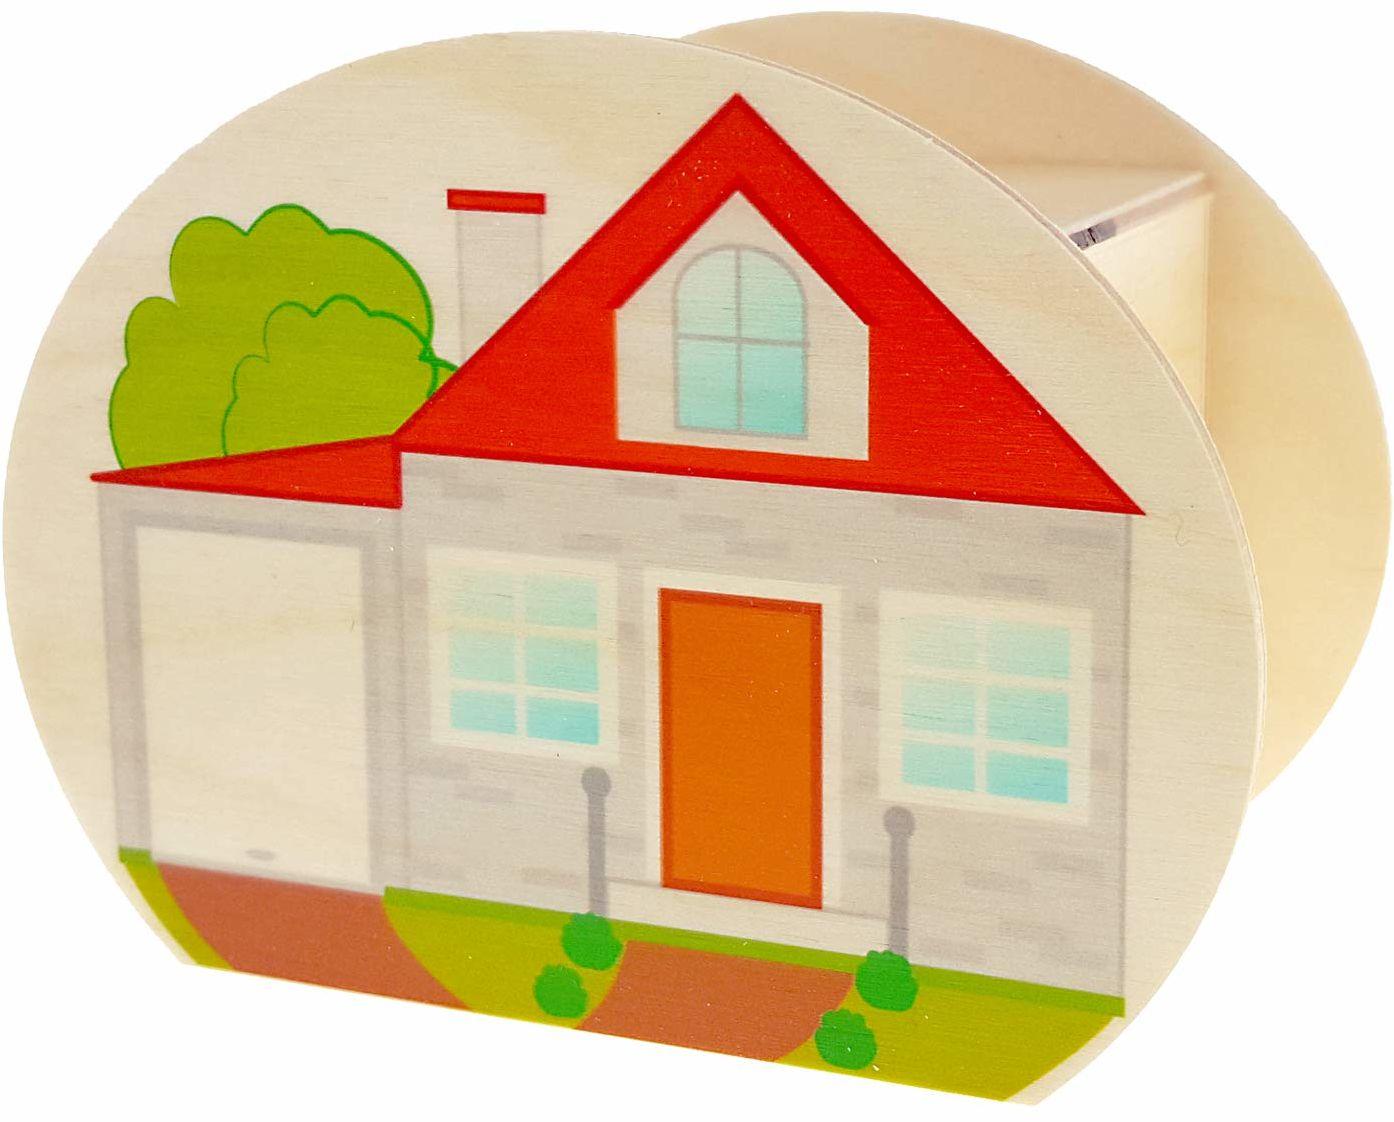 Hess drewniana zabawka 15213 - skarbonka z drewna, z kluczem, dom, prezent na parapetówkę, do budowy domu lub na święta, ok. 11,5 x 8,5 x 6,5 cm